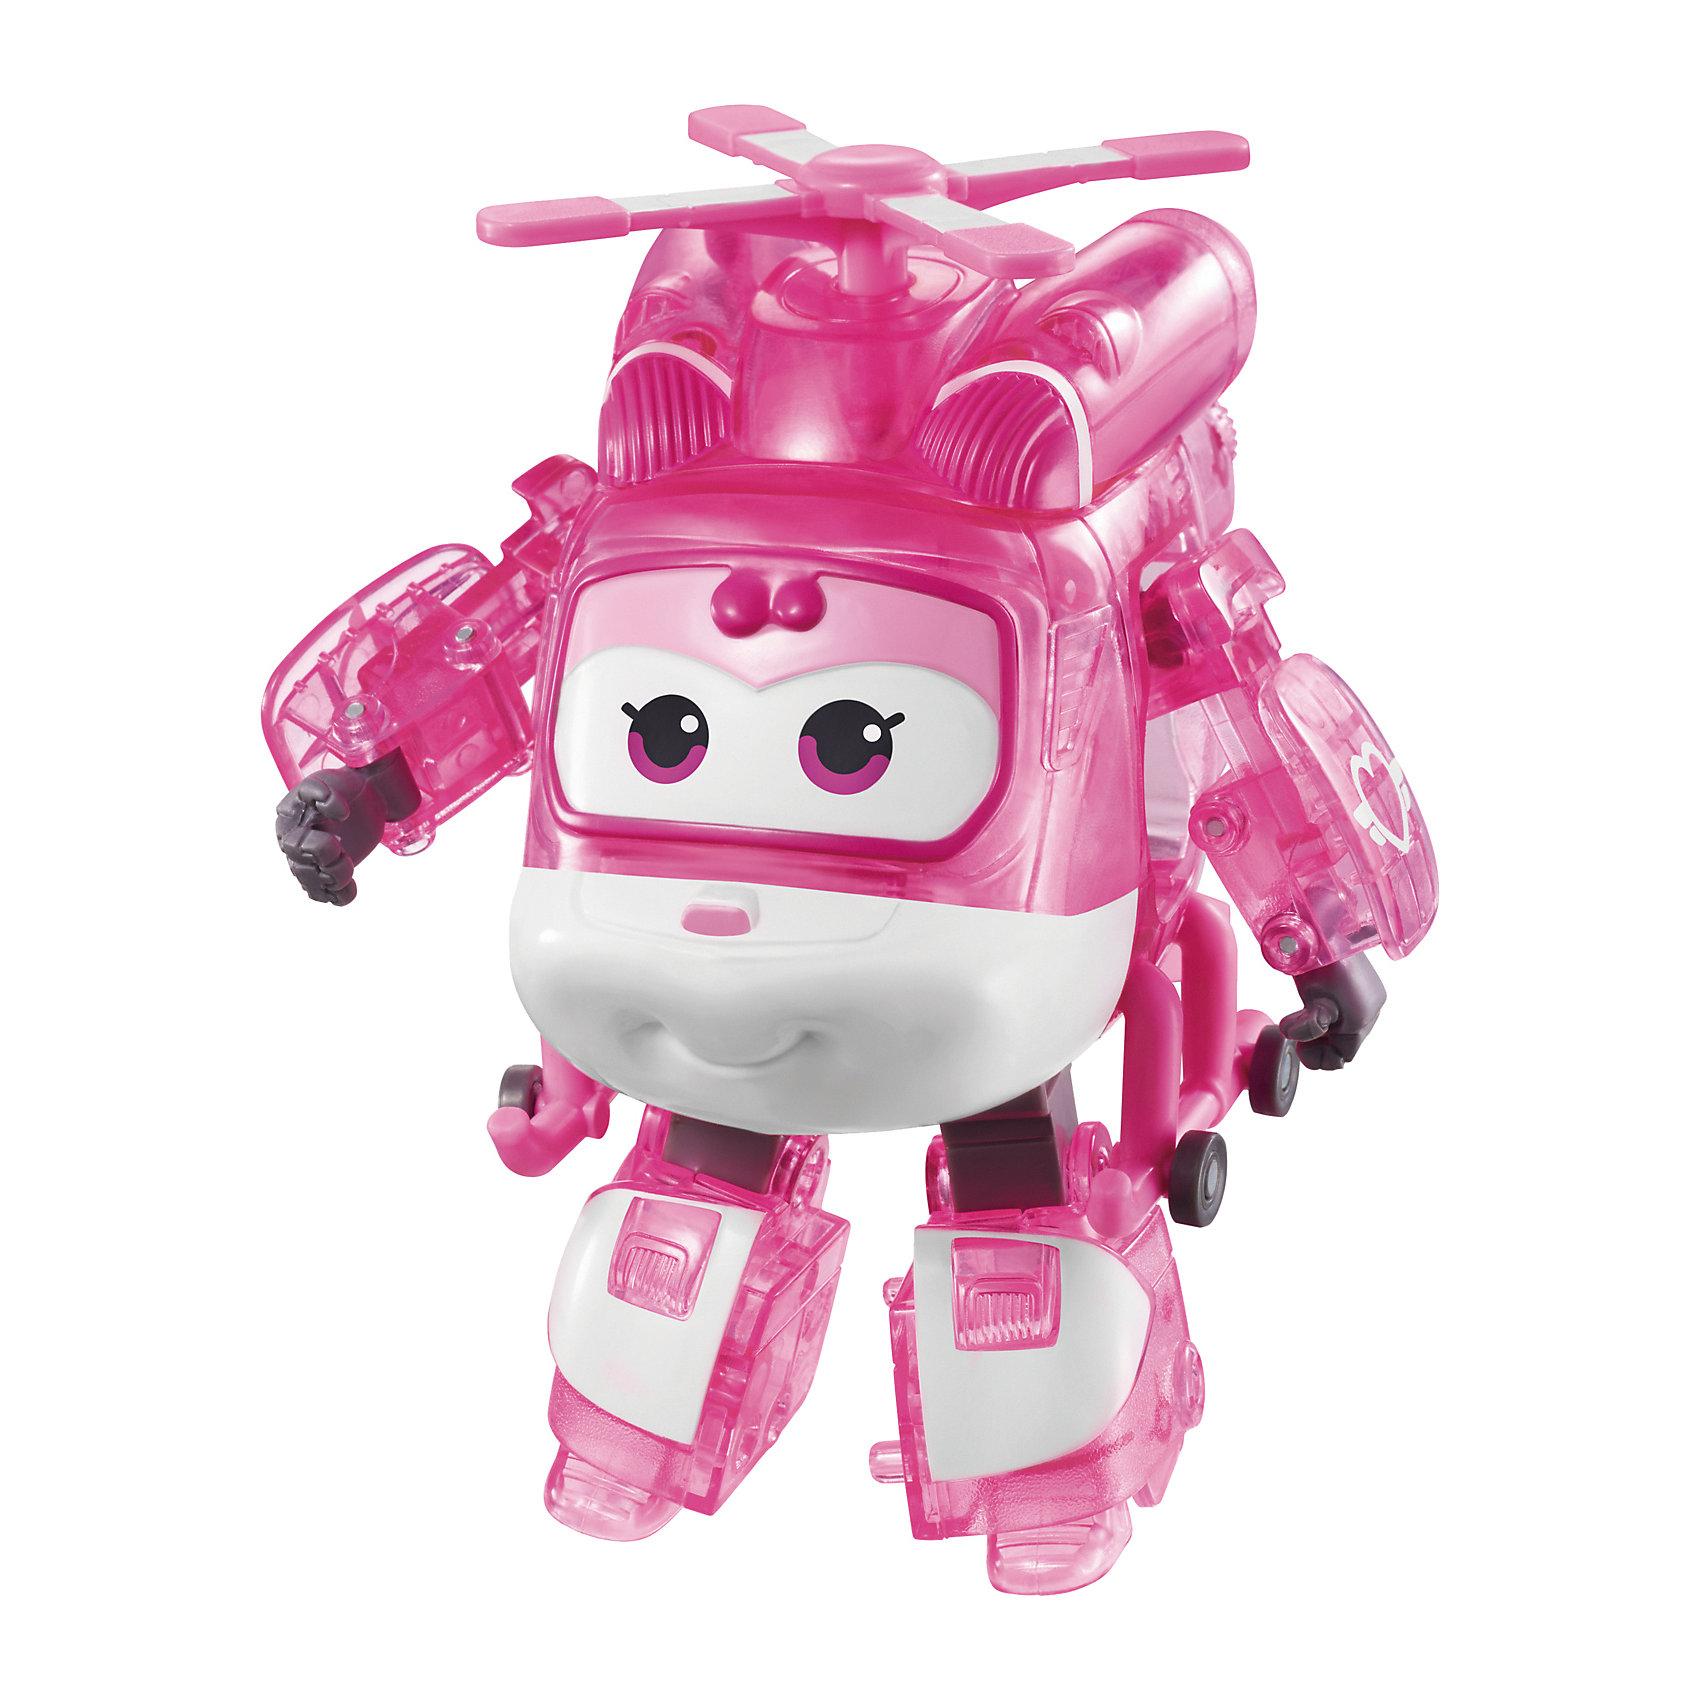 Трансформер Диззи, Супер КрыльяИграть с самолетами любит практически каждый ребенок. Сделать игру ярче и увлекательнее поможет герой популярного мультфильма Супер Крылья, любимого детьми. Игрушка всего за несколько мгновений трансформируется из самолета в робота. К нему можно также фигурки-трансформеры заказать друзей из этого мультфильма! Компактный размер позволит ребенку брать игрушку с собой в гости или на прогулку.                <br>Этот трансформер обязательно порадует ребенка! Игры с ним также помогают детям развивать воображение, логику, мелкую моторику и творческое мышление. Самолет сделан из качественных и безопасных для ребенка материалов.<br><br>Дополнительная информация:<br><br>цвет: разноцветный;<br>размер упаковки: 13 х 16 х 7 см;<br>вес: 400 г;<br>материал: пластик.<br><br>Игрушку Трансформер Диззи можно купить в нашем магазине.<br><br>Ширина мм: 130<br>Глубина мм: 160<br>Высота мм: 70<br>Вес г: 400<br>Возраст от месяцев: 36<br>Возраст до месяцев: 2147483647<br>Пол: Мужской<br>Возраст: Детский<br>SKU: 4918779